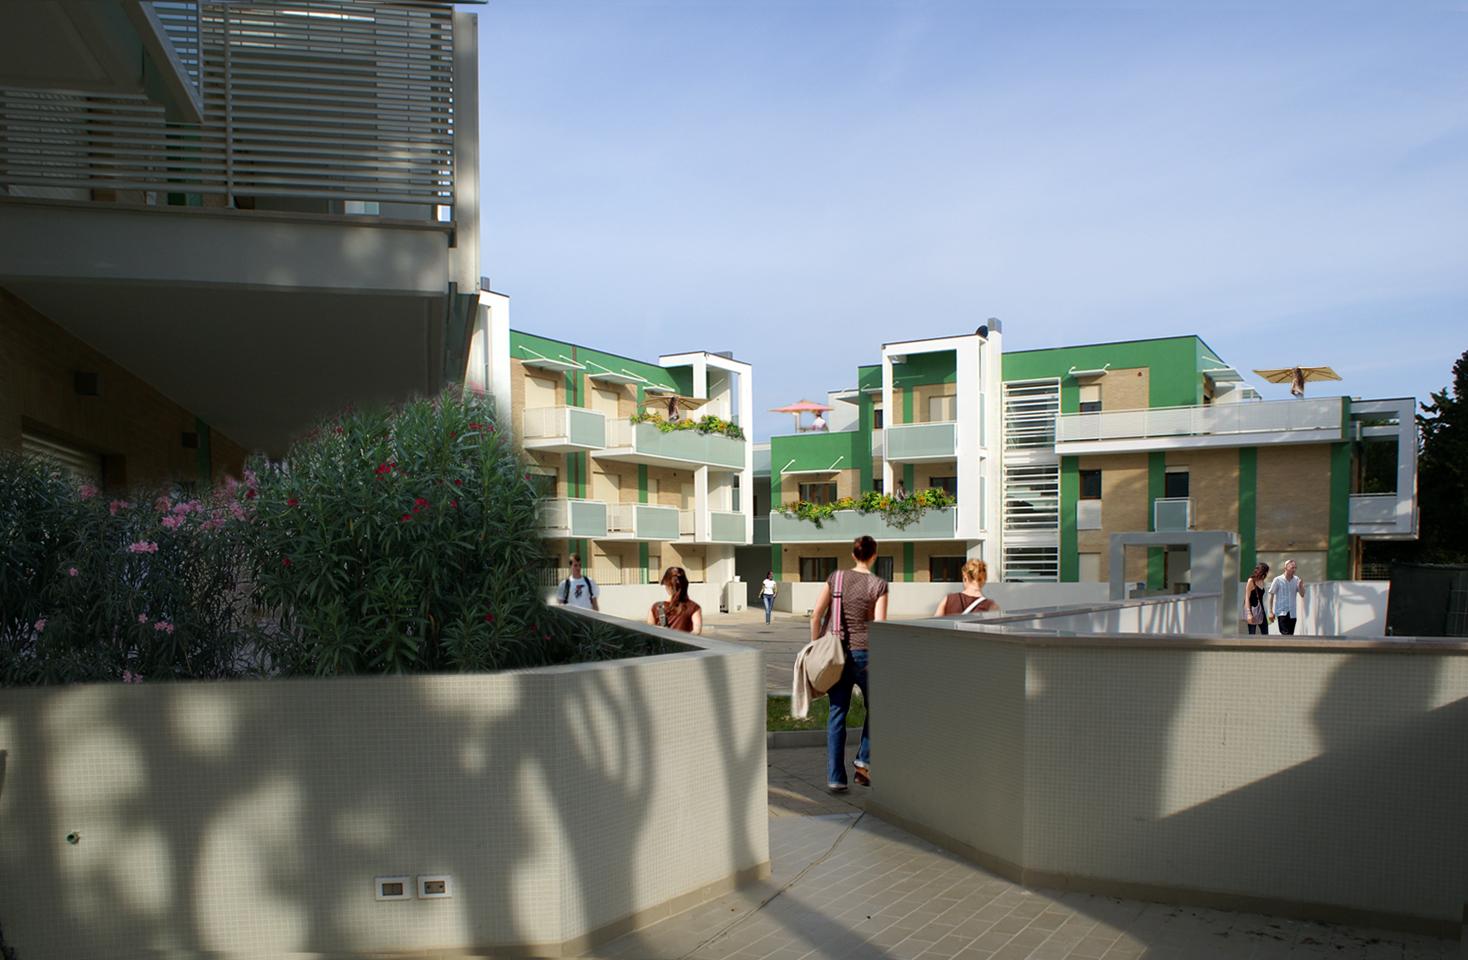 appartamenti-porto-san-giorgio-via-petrarca-vista-corte-interna